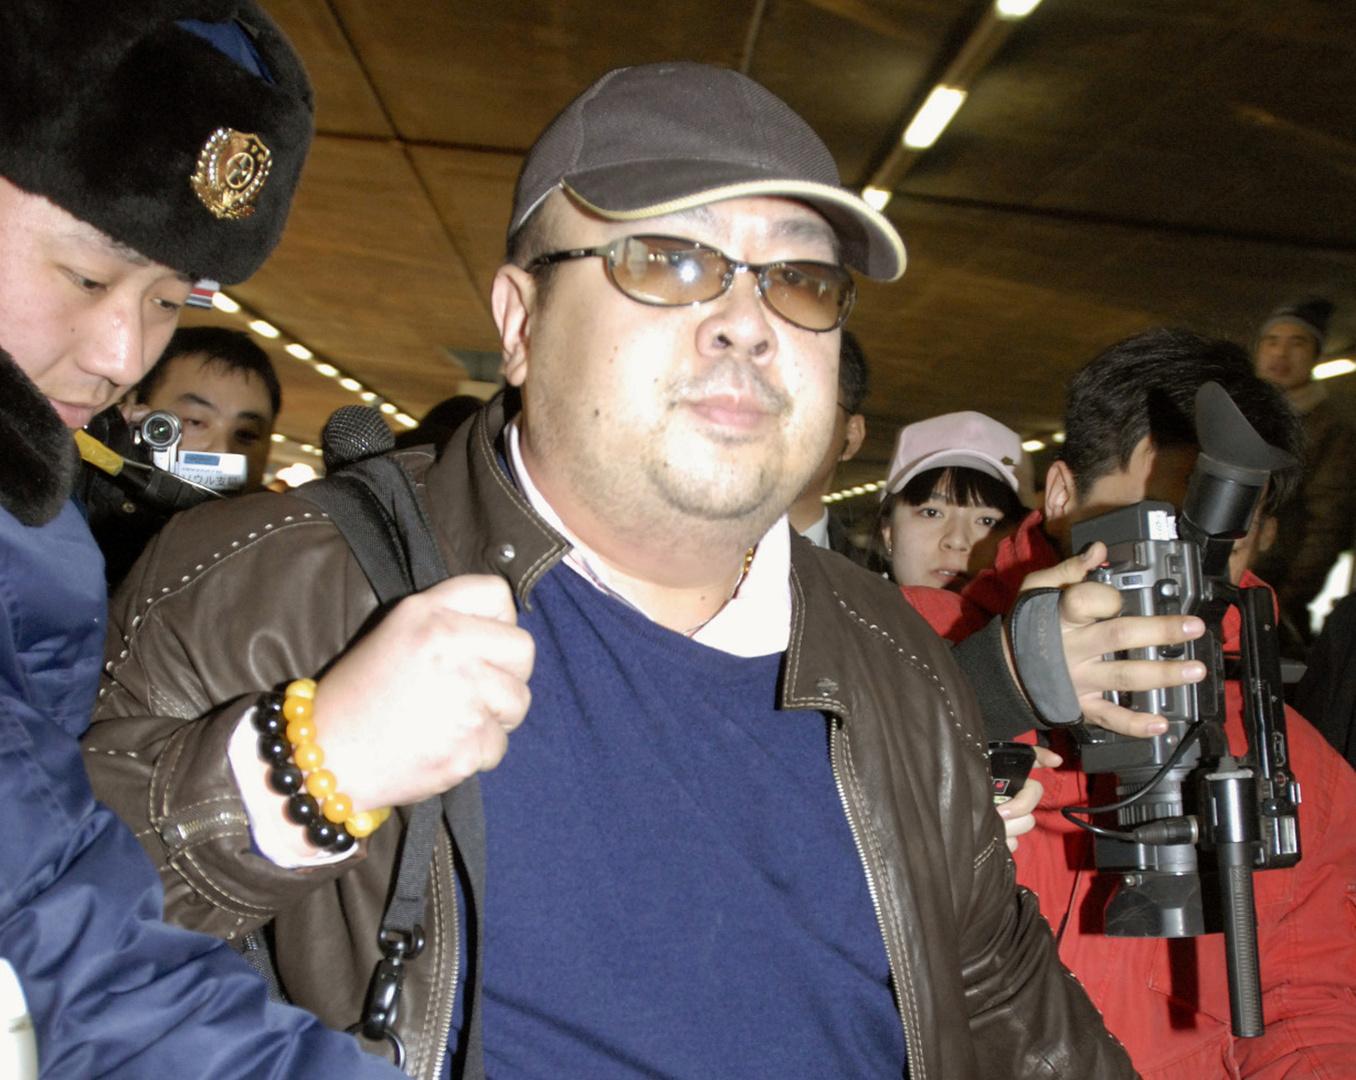 كيم جونغ نام، الأخ الأكبر للزعيم الكوري الشمالي كيم جونغ أون، أرشيف